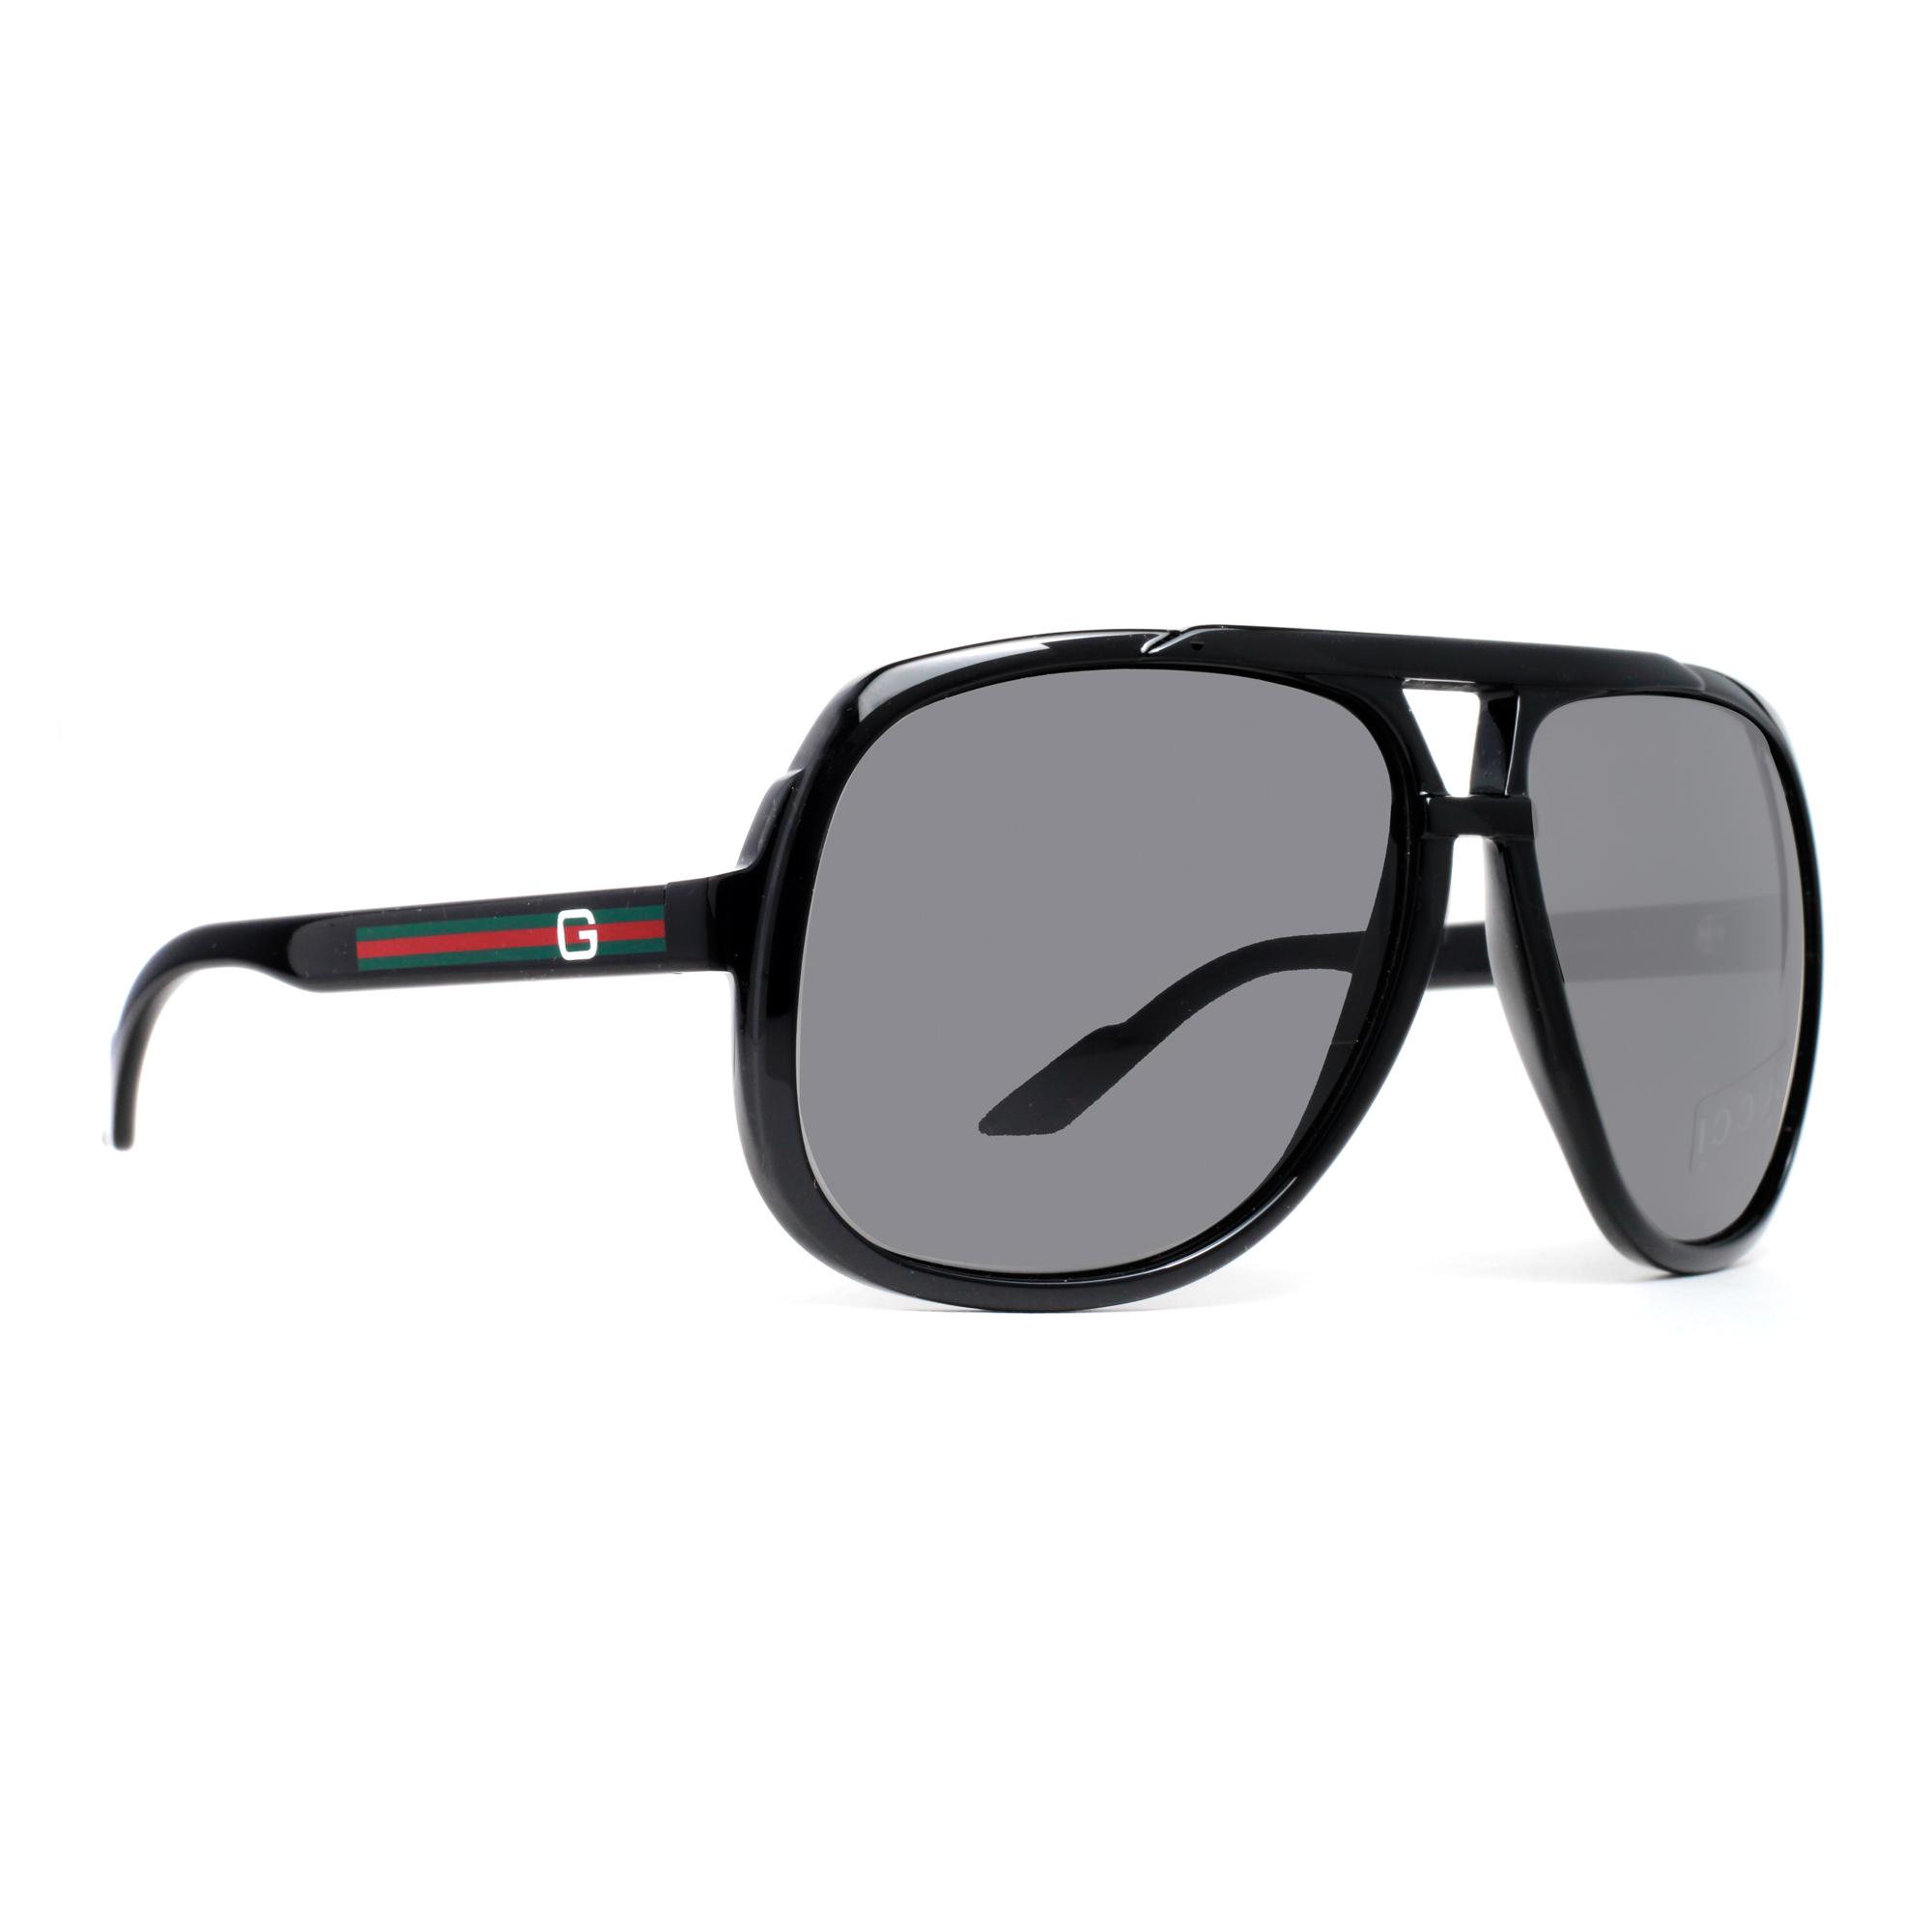 5a81b1bd6da Gucci GG 1622 S Oversized Navigator Sunglasses